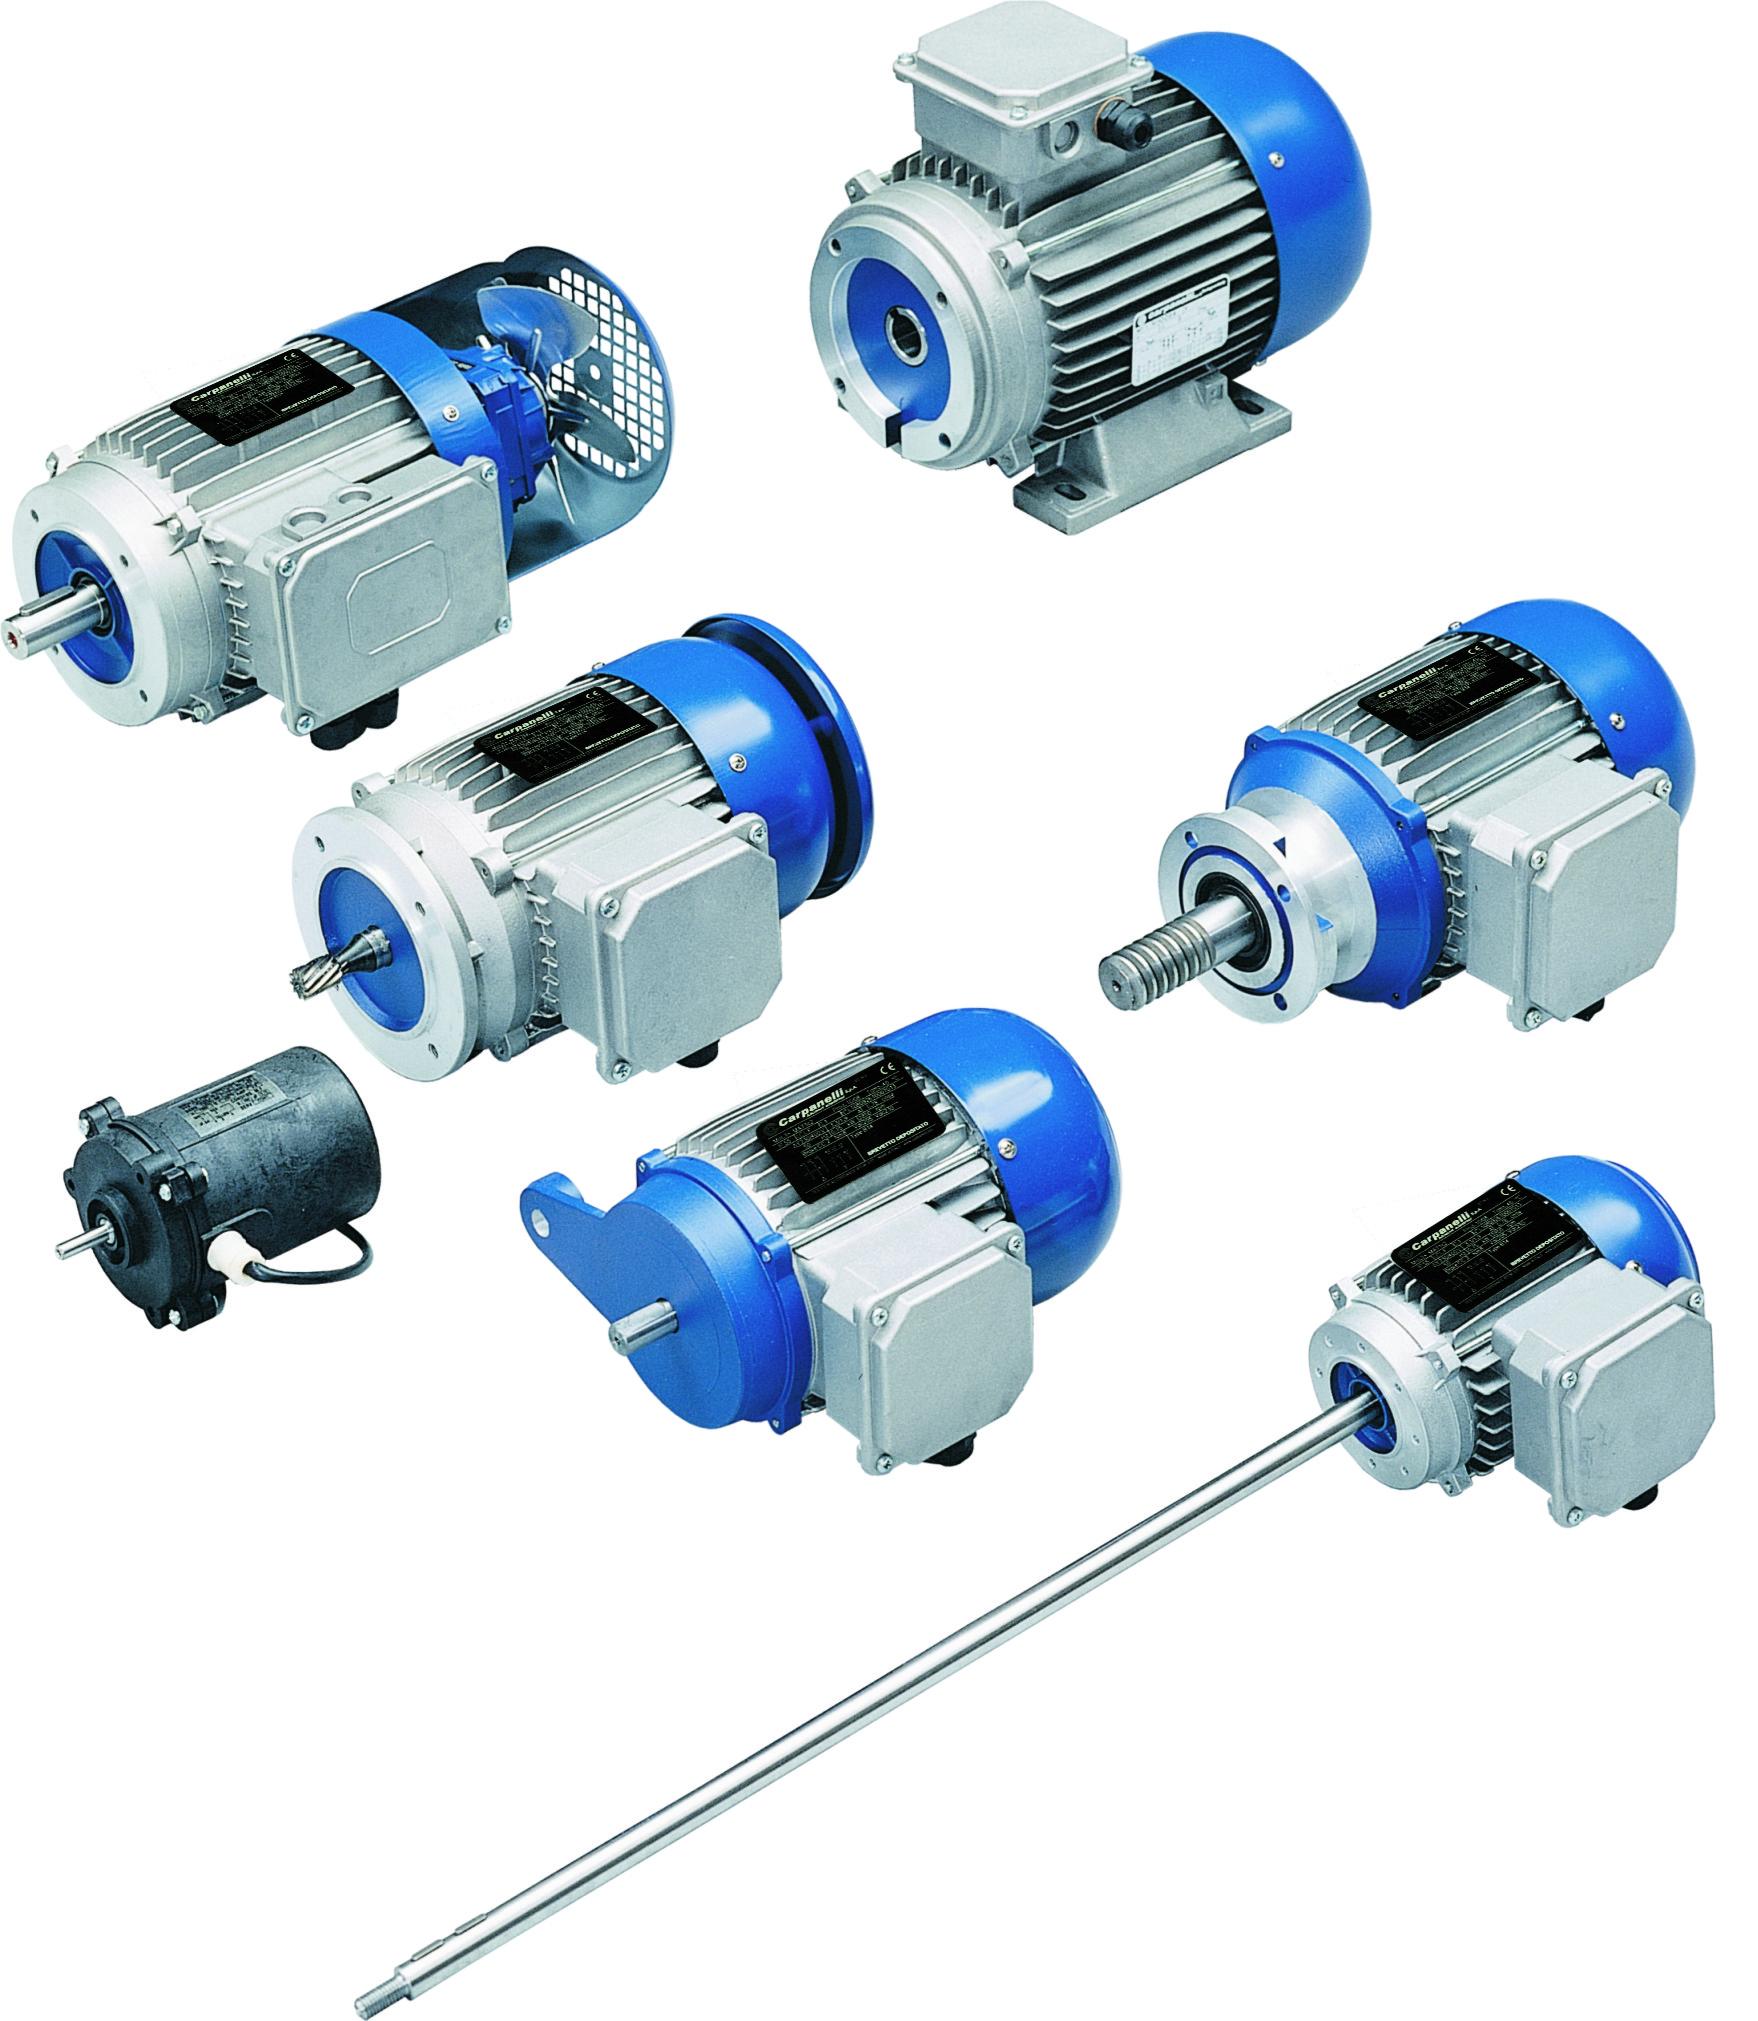 CDA - Carpanelli Motor Electtrici S.p.A